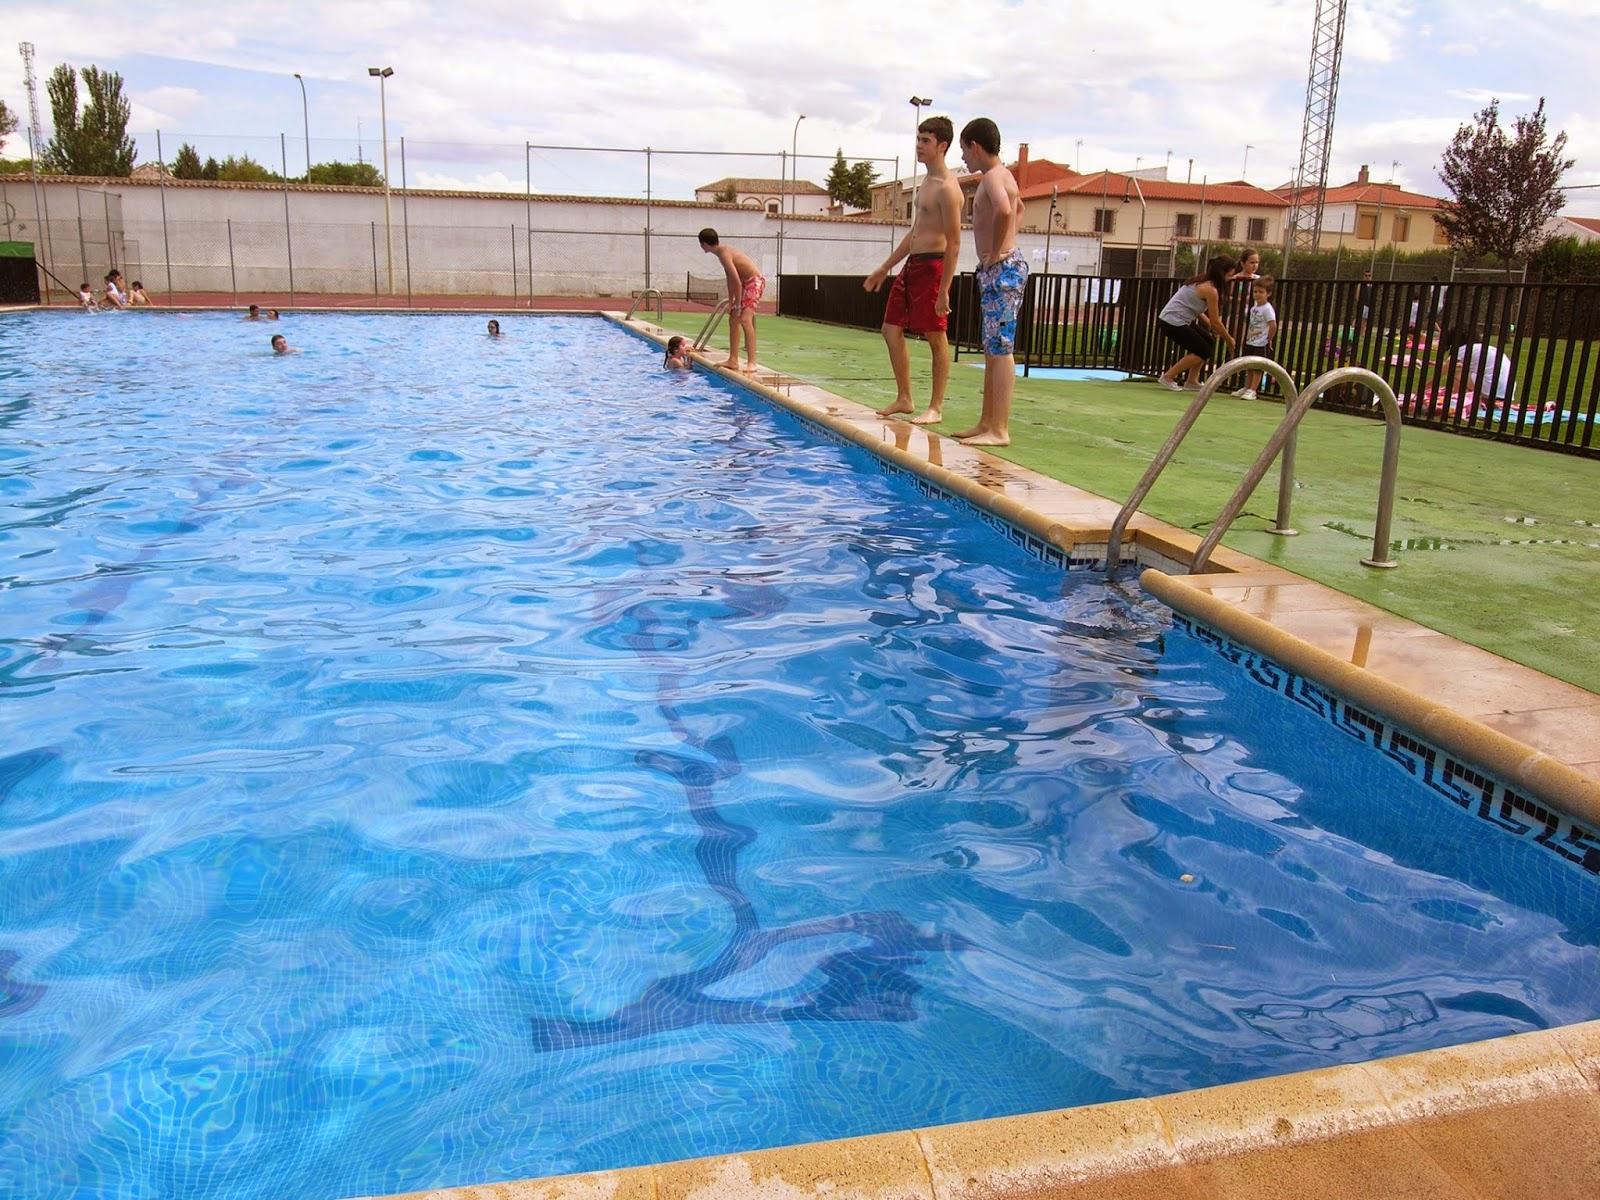 inaugurada la temporada de piscina en villanueva de los